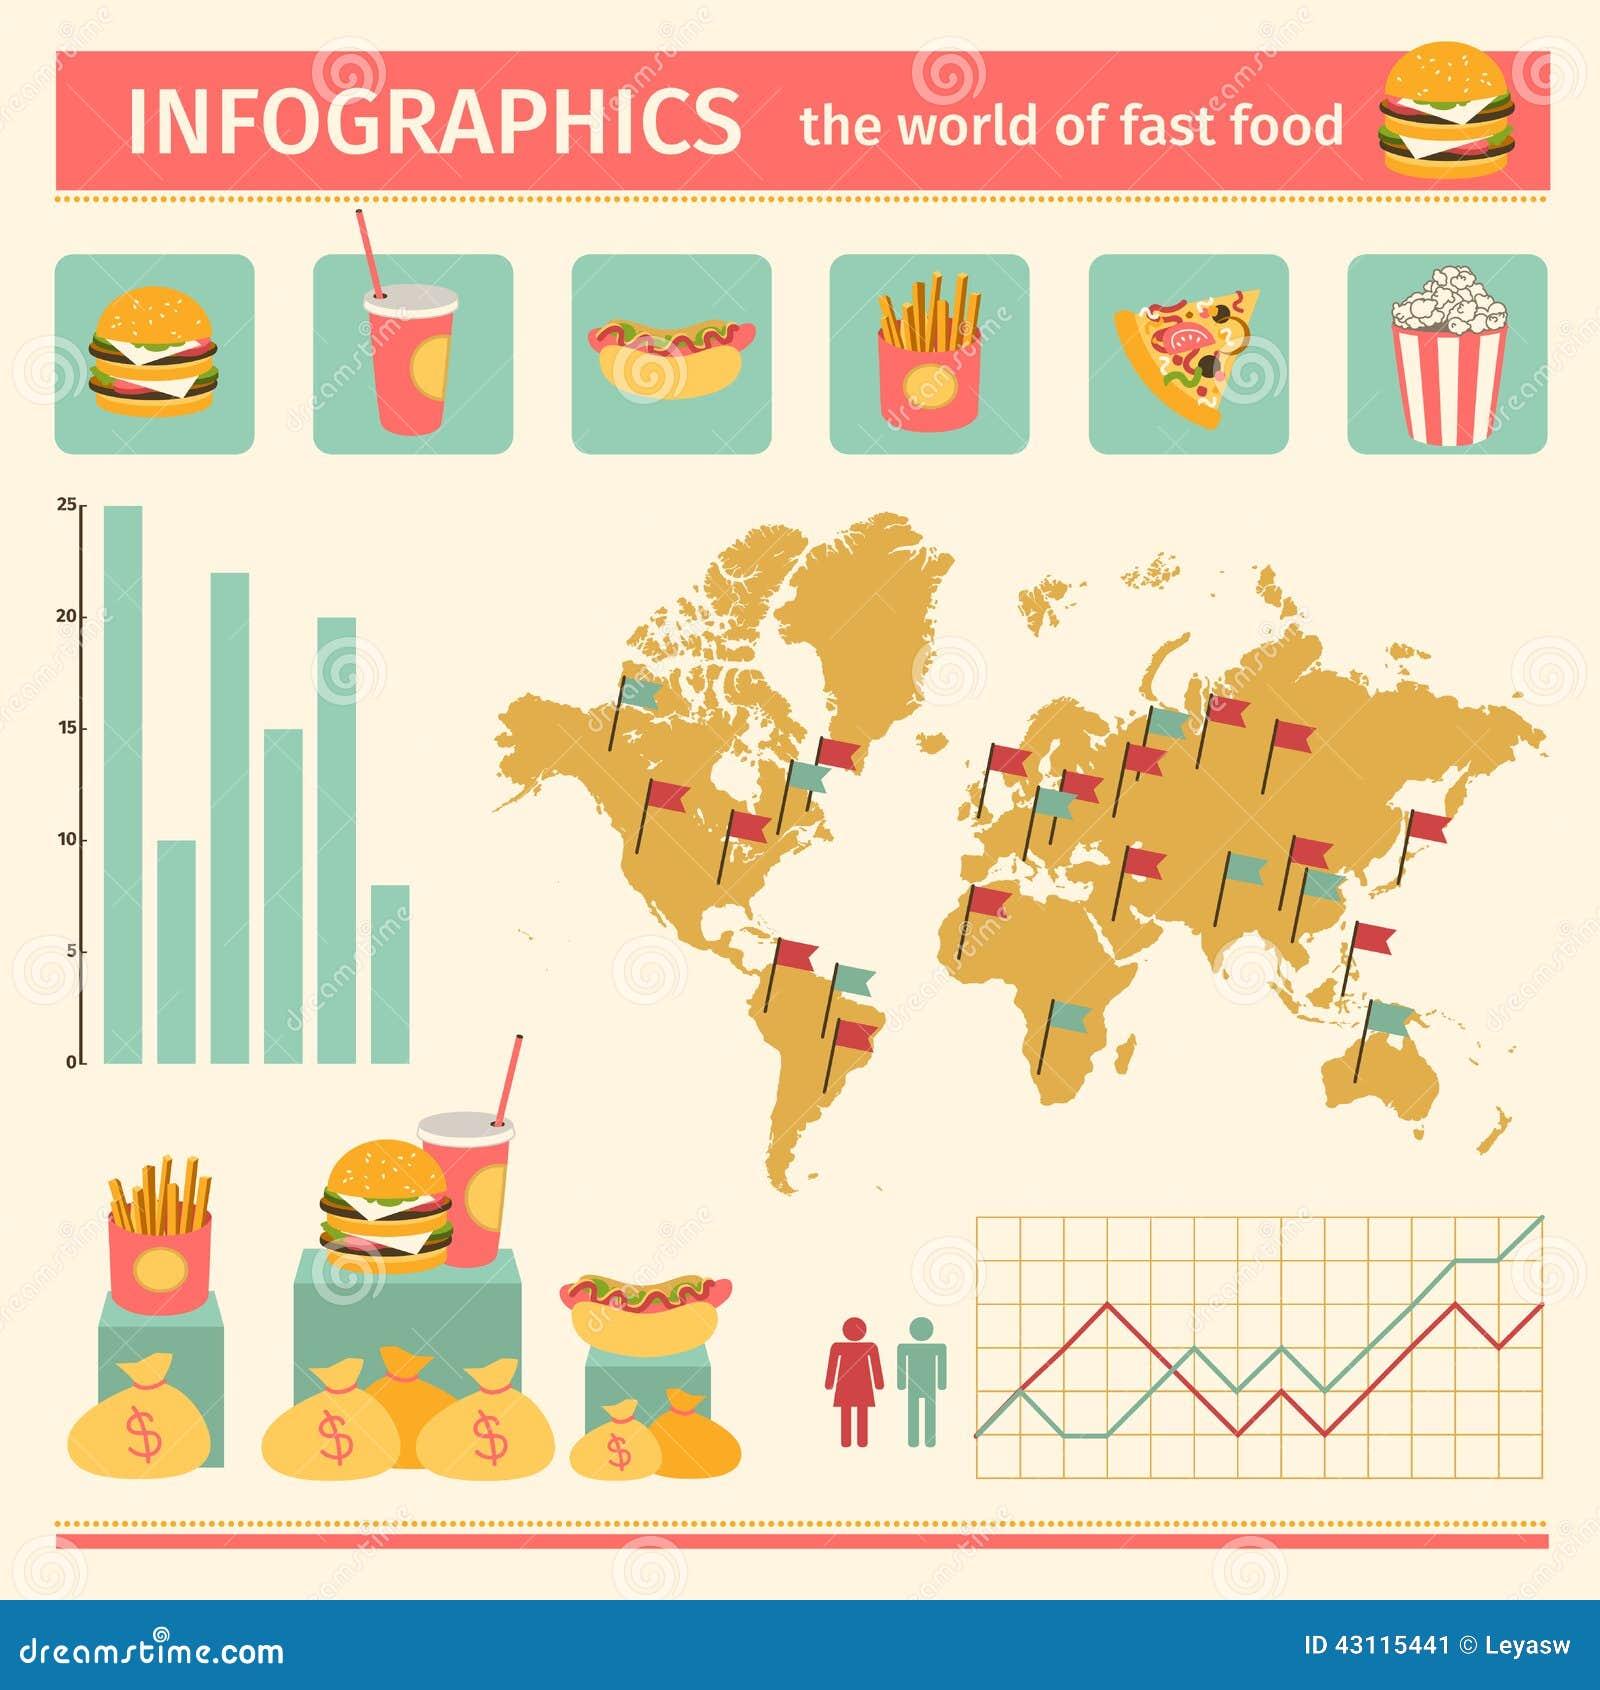 Consumerism in food